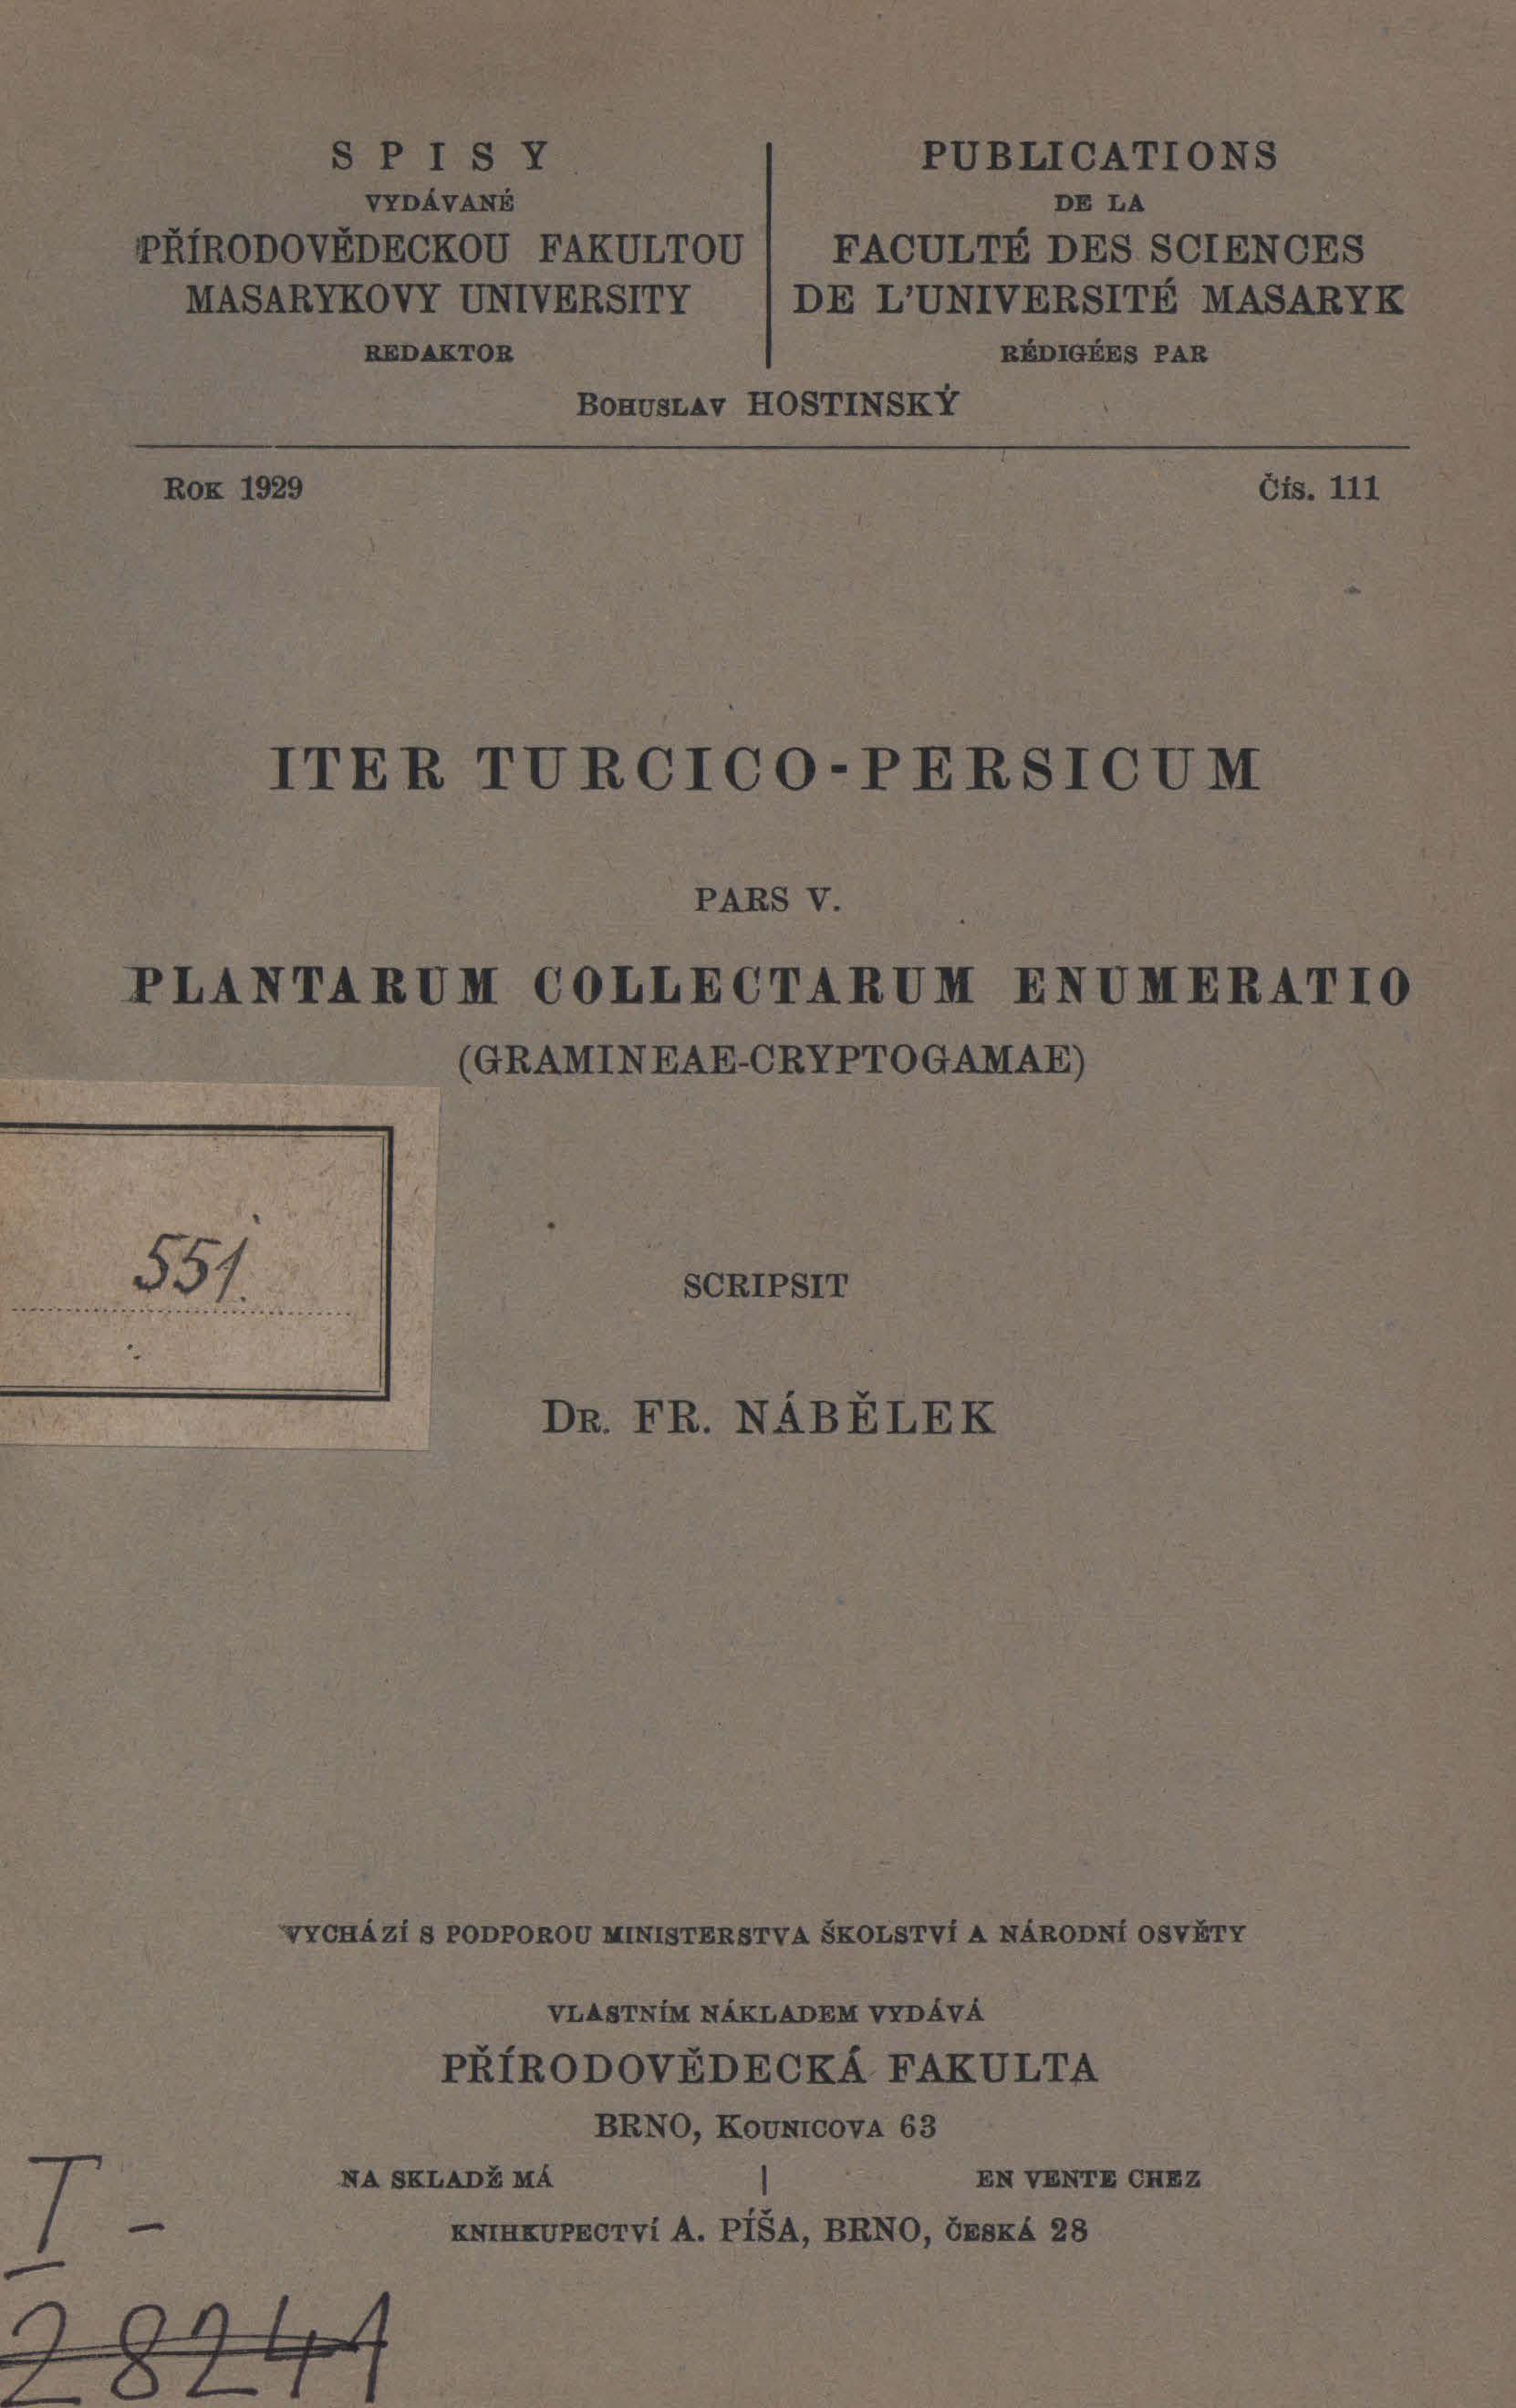 Obálka pro Iter Turcico-Persicum. Pars V, Plantarum collectarum enumeratio (Gramineae-Cryptogamae)